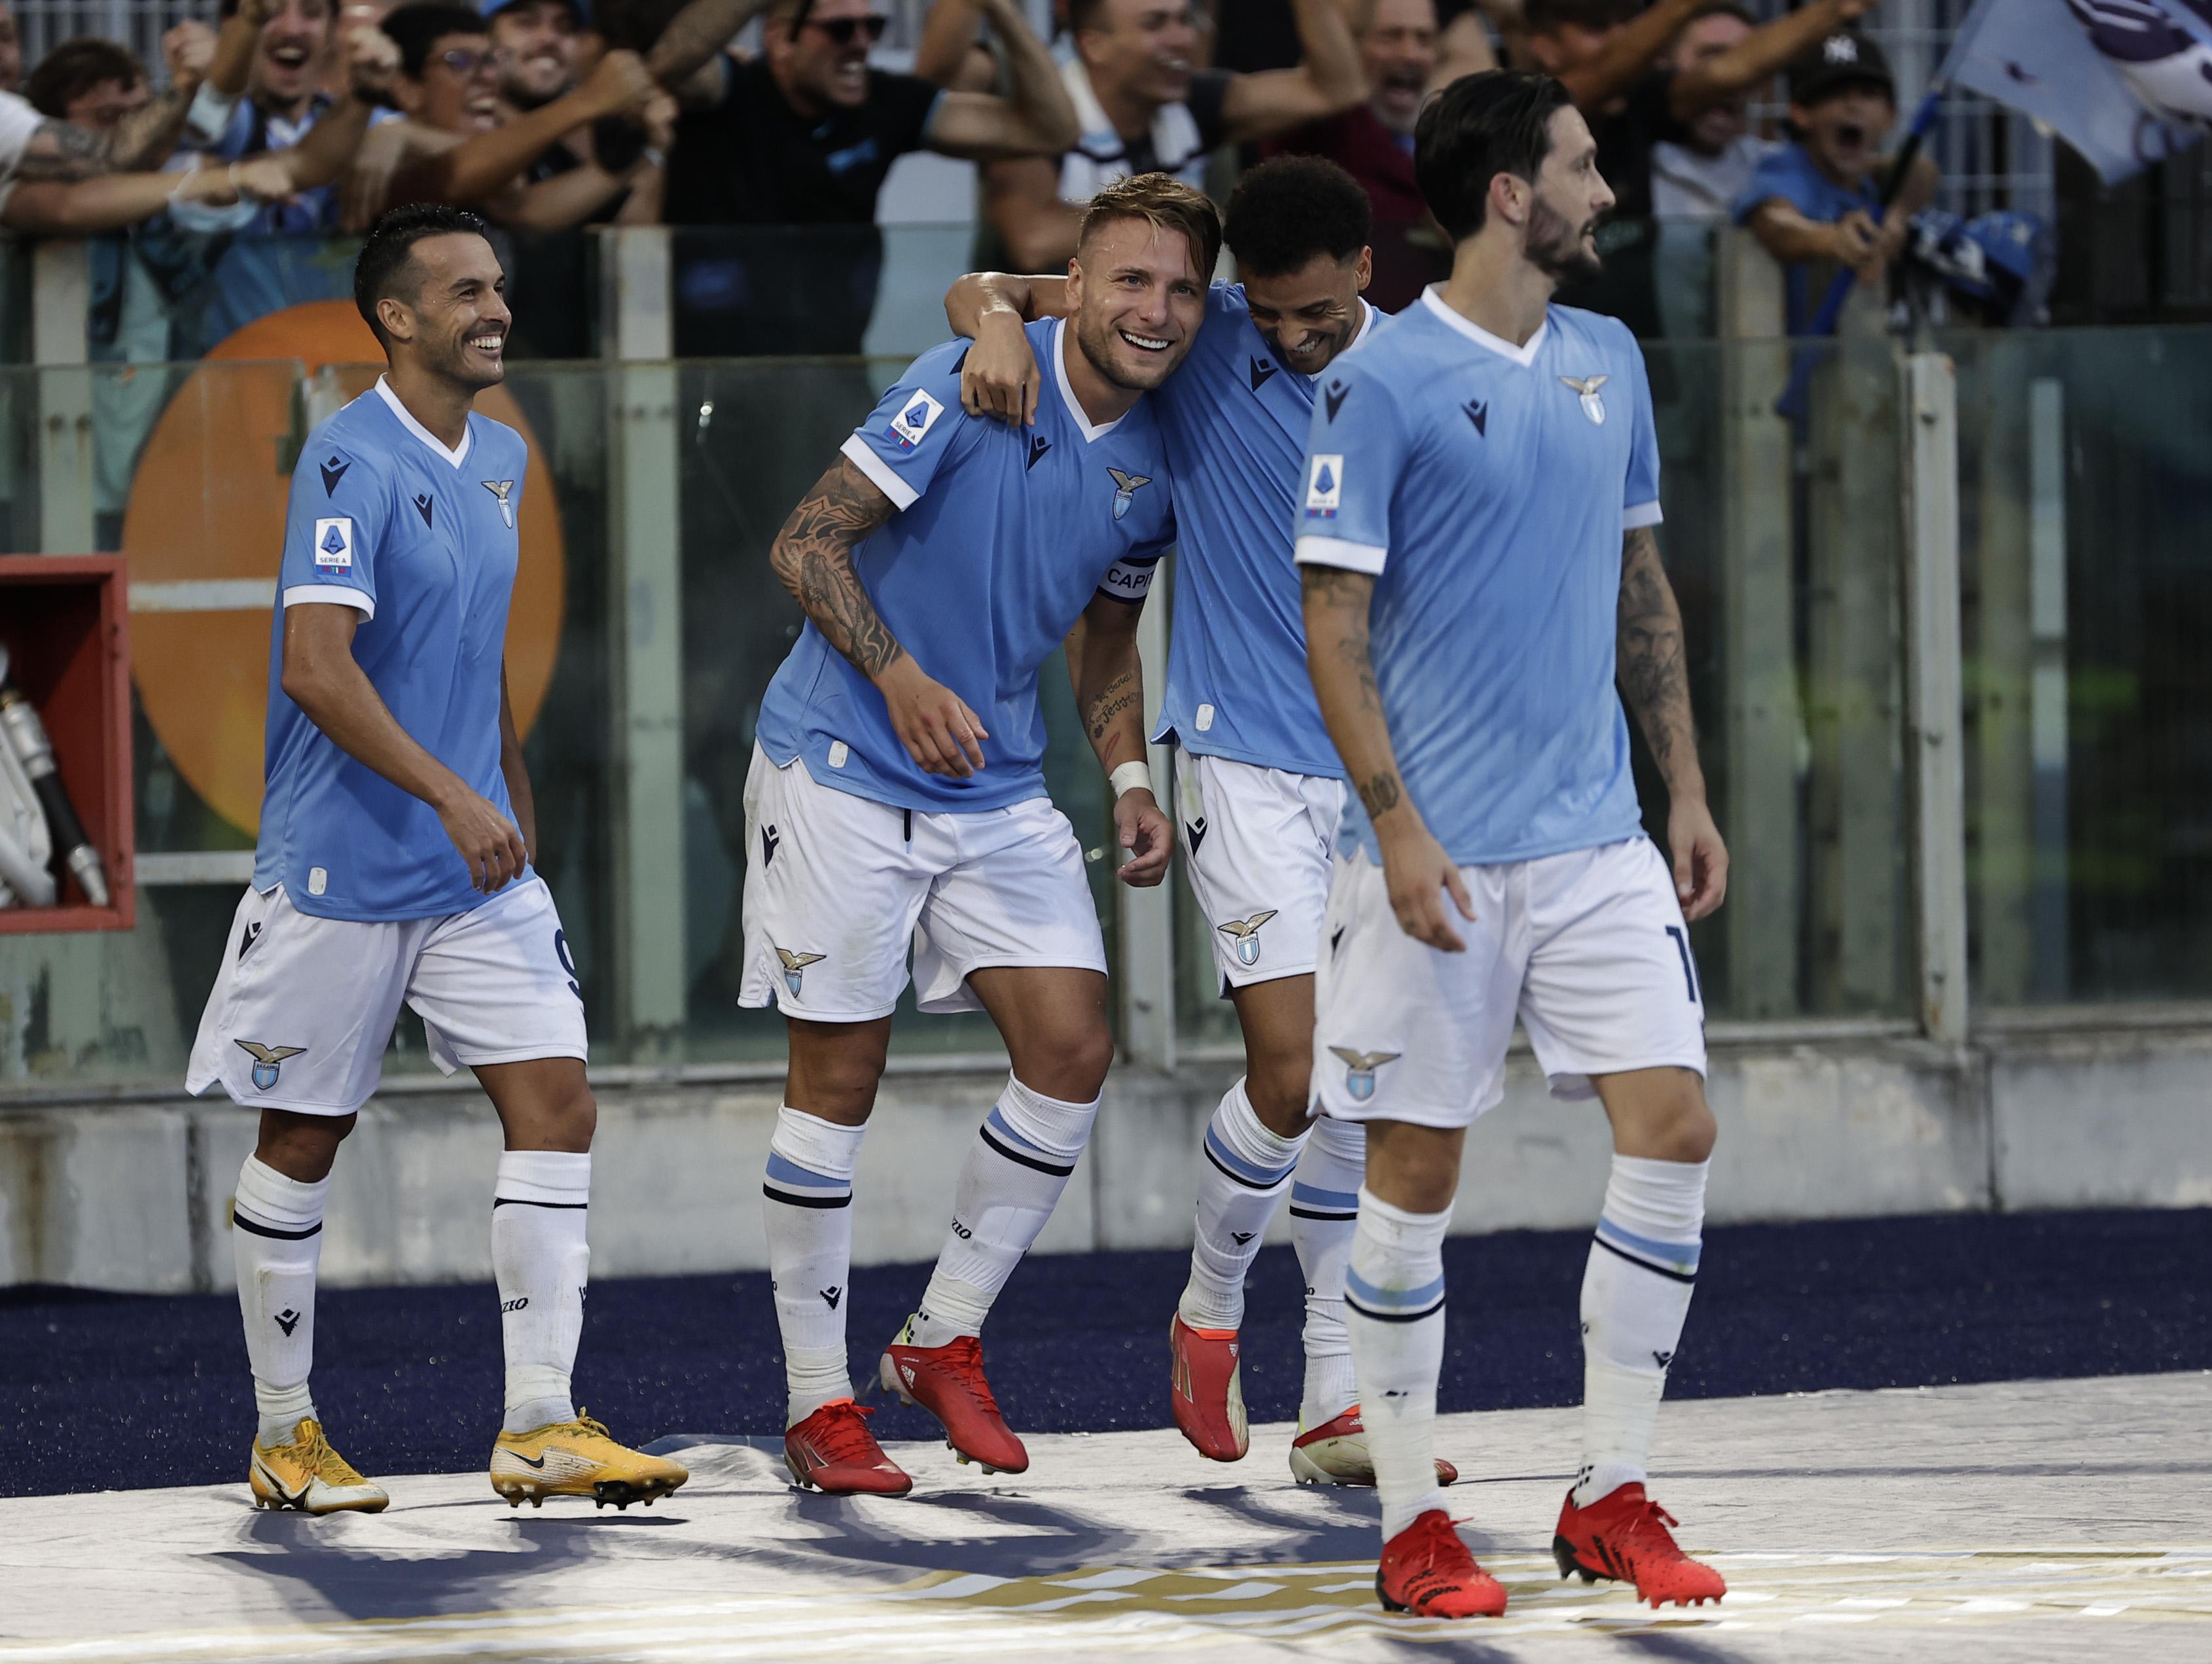 意甲2冠王踢疯了,拉齐奥6-1逆转大胜斯佩齐亚,超越卫冕冠军国际米兰登上榜首。